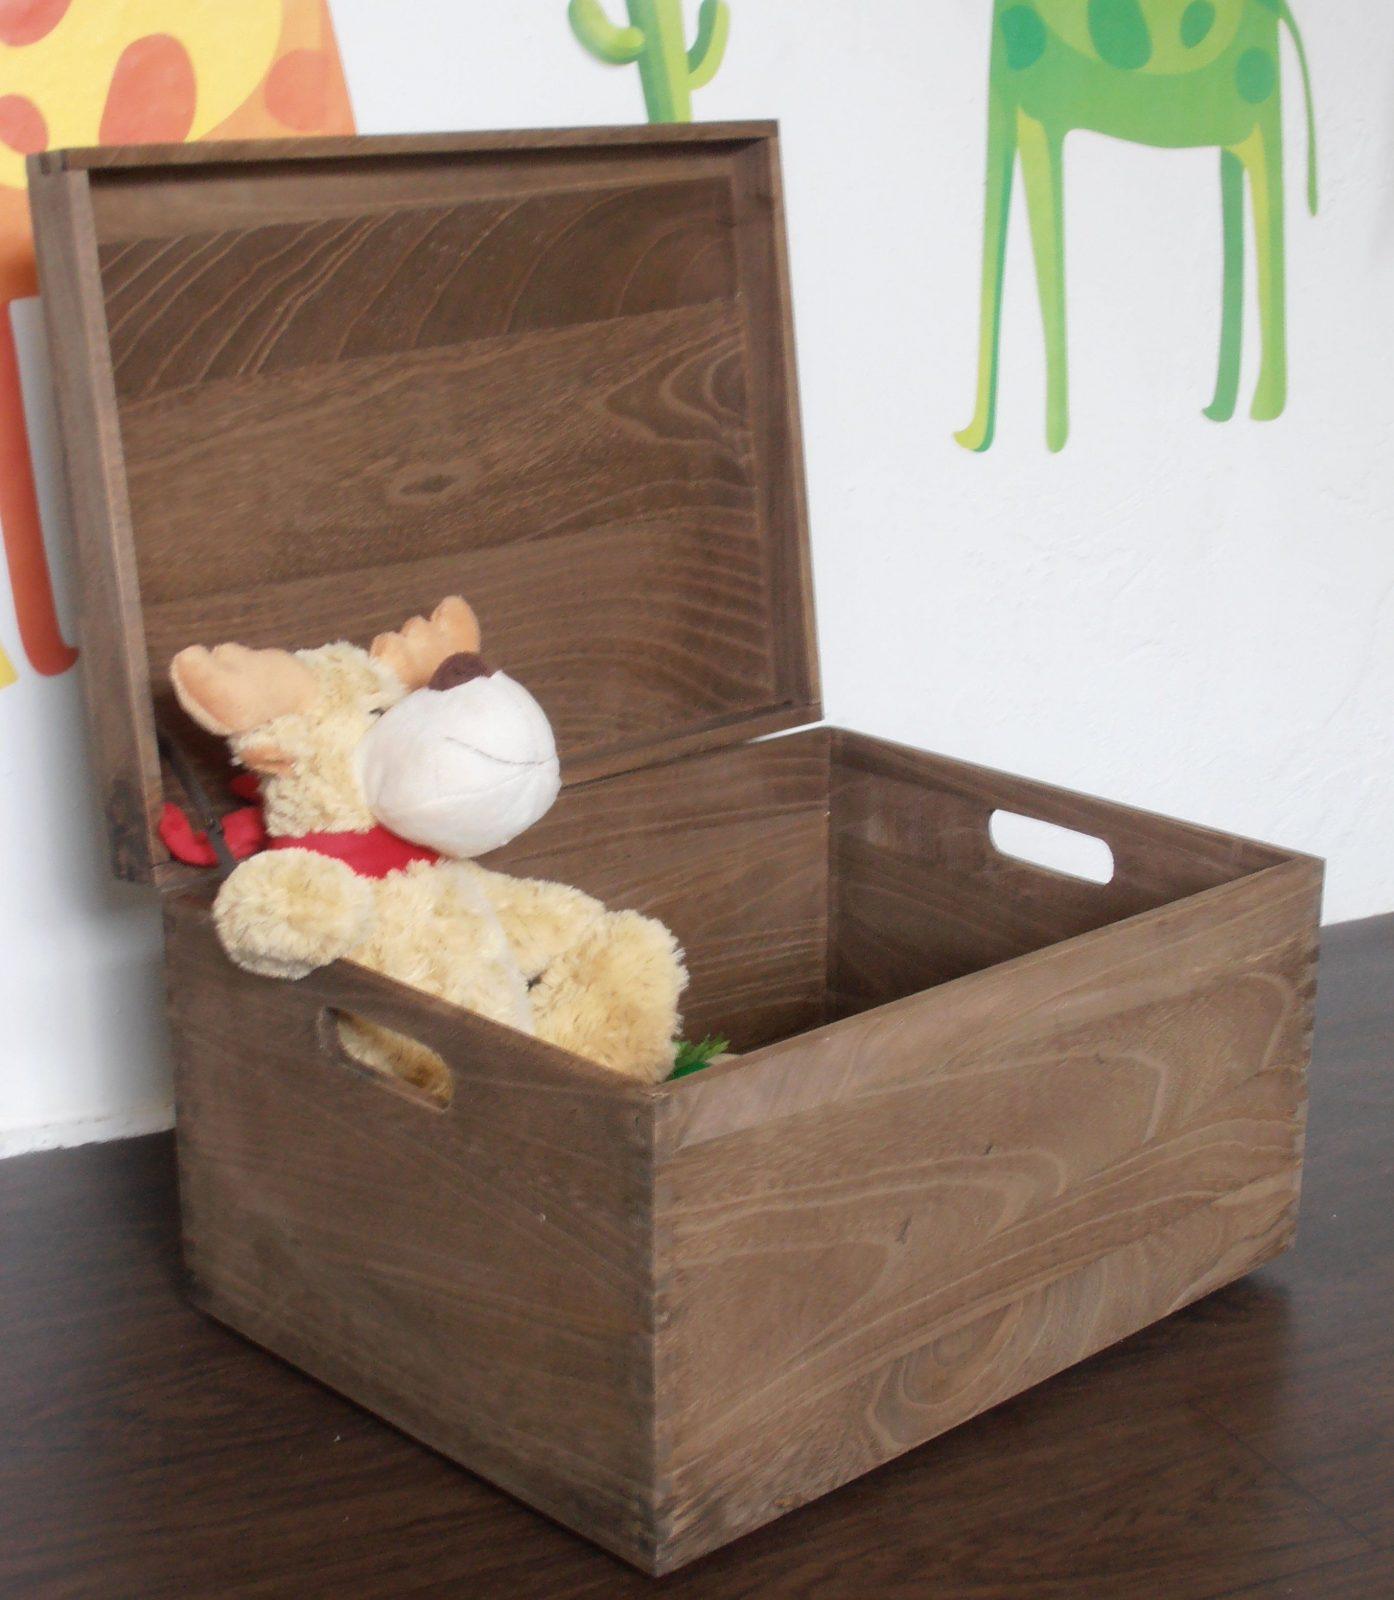 Holzbox Braun Mit Deckel Spielzeugkiste Spielzeugbox Sammlertruhe von Spielzeugkiste Holz Mit Deckel Bild